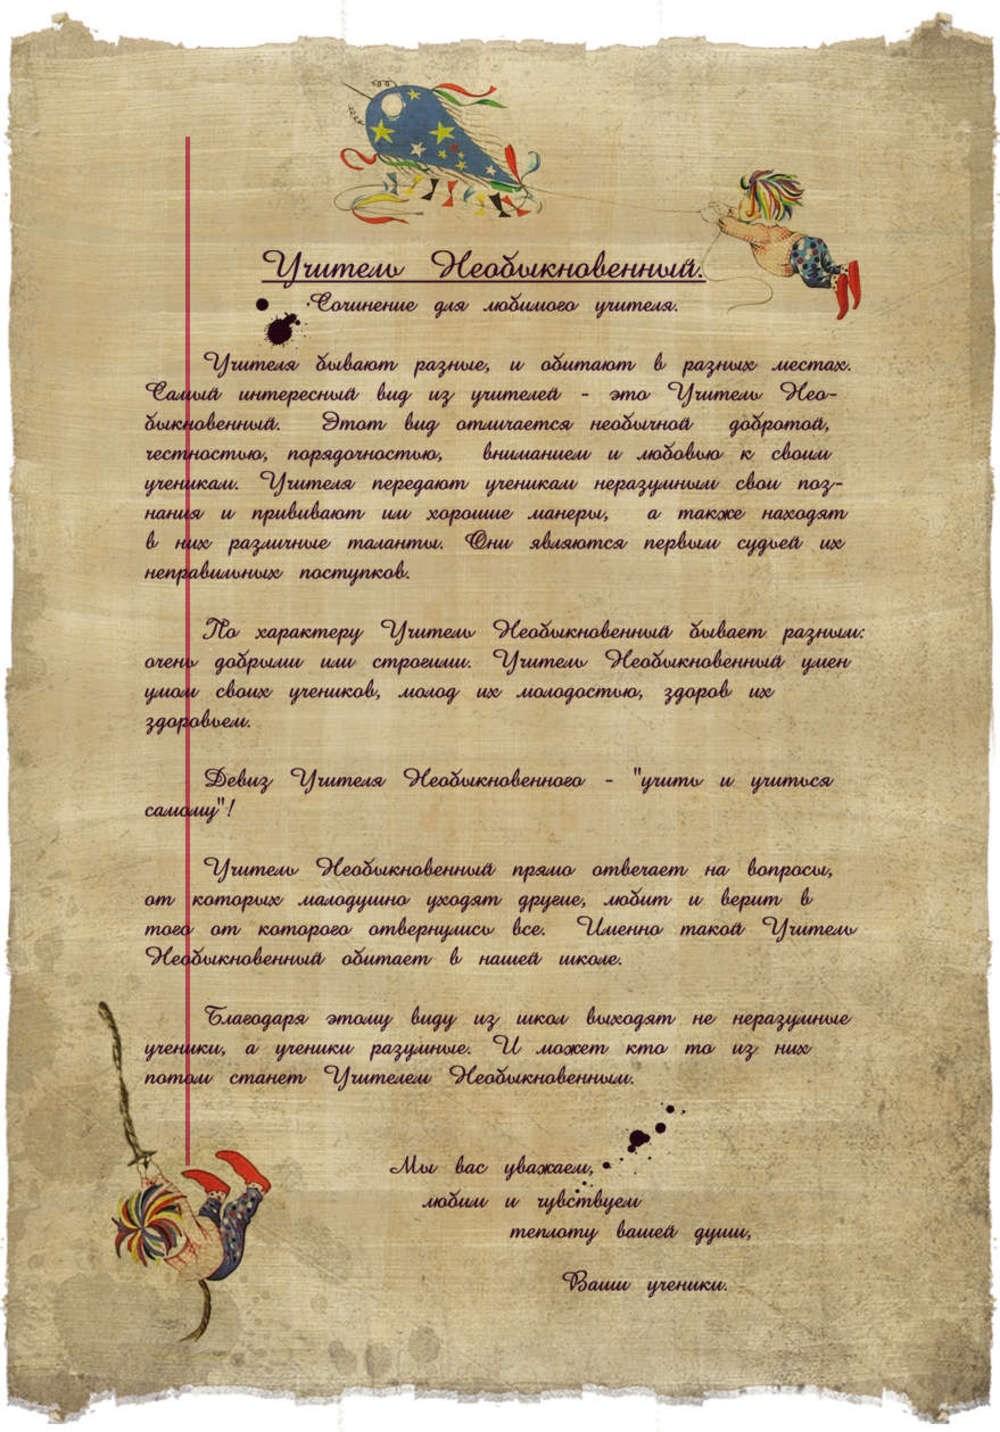 Поздравление на папирусе Учитель необыкновенный. Сочинение